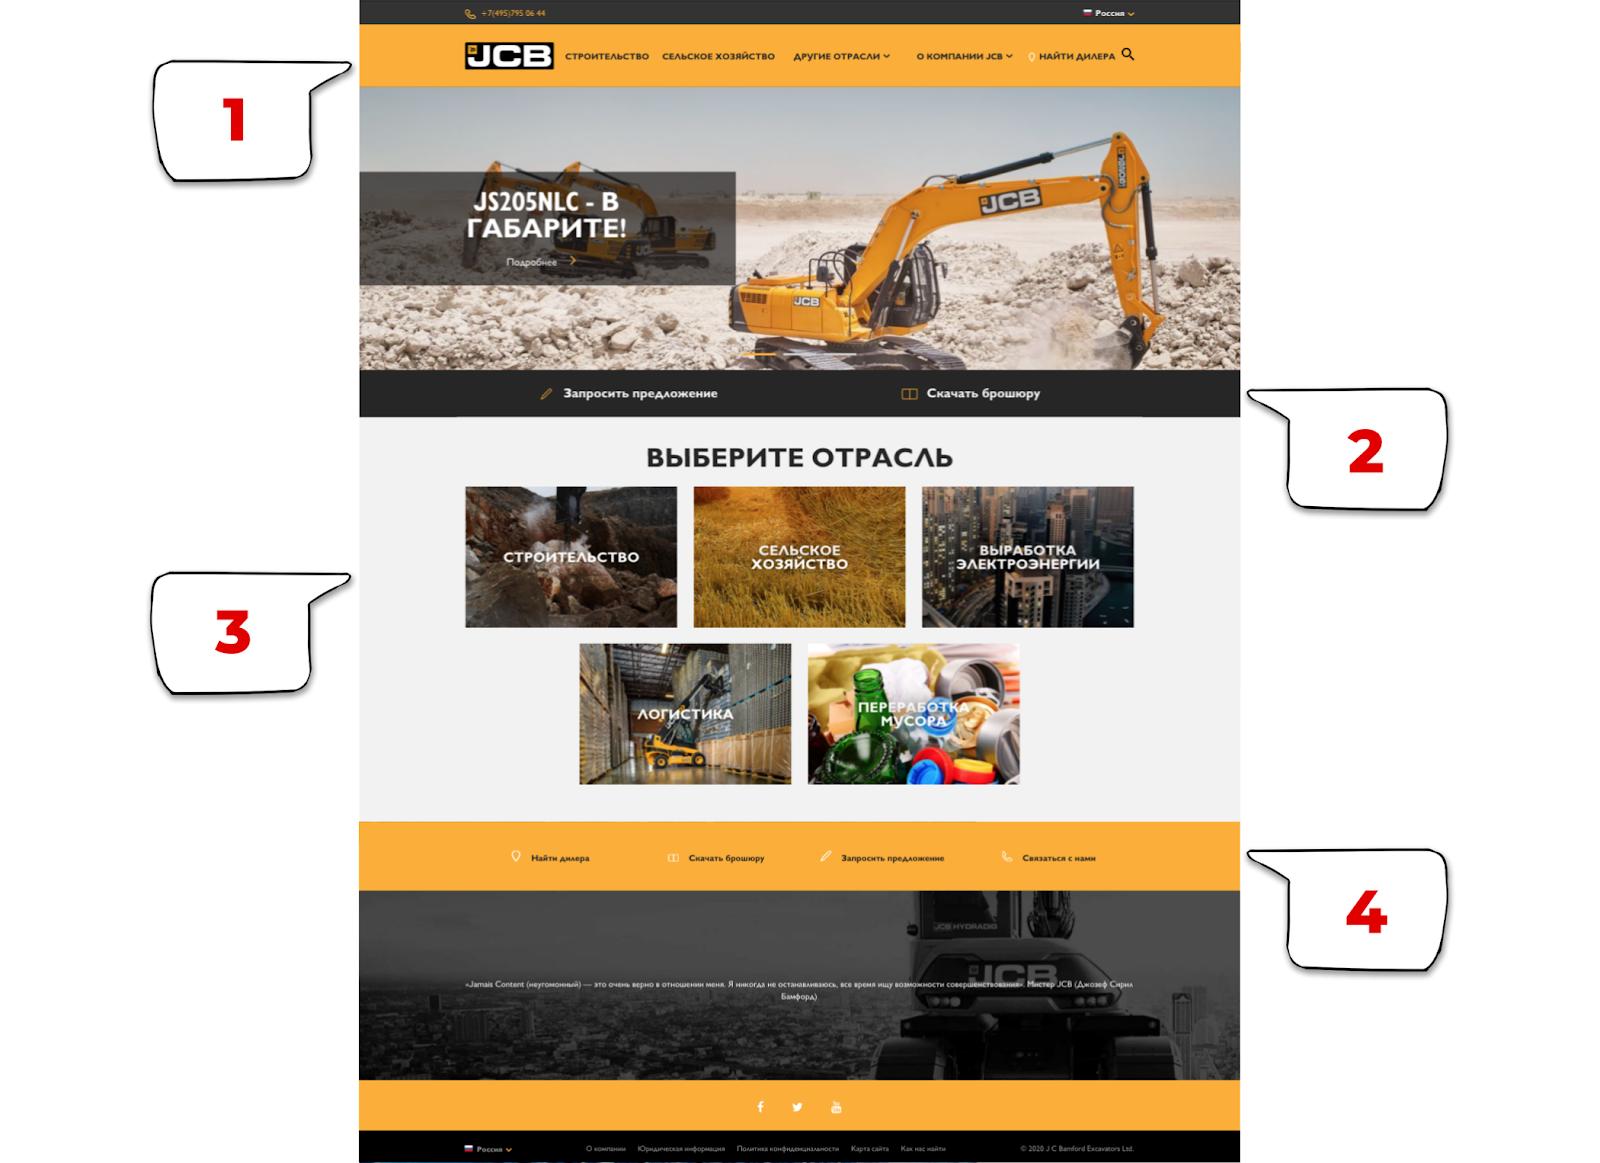 В b2b сфере сайт предполагает разные сценарии, которые включают много разных целевых действий